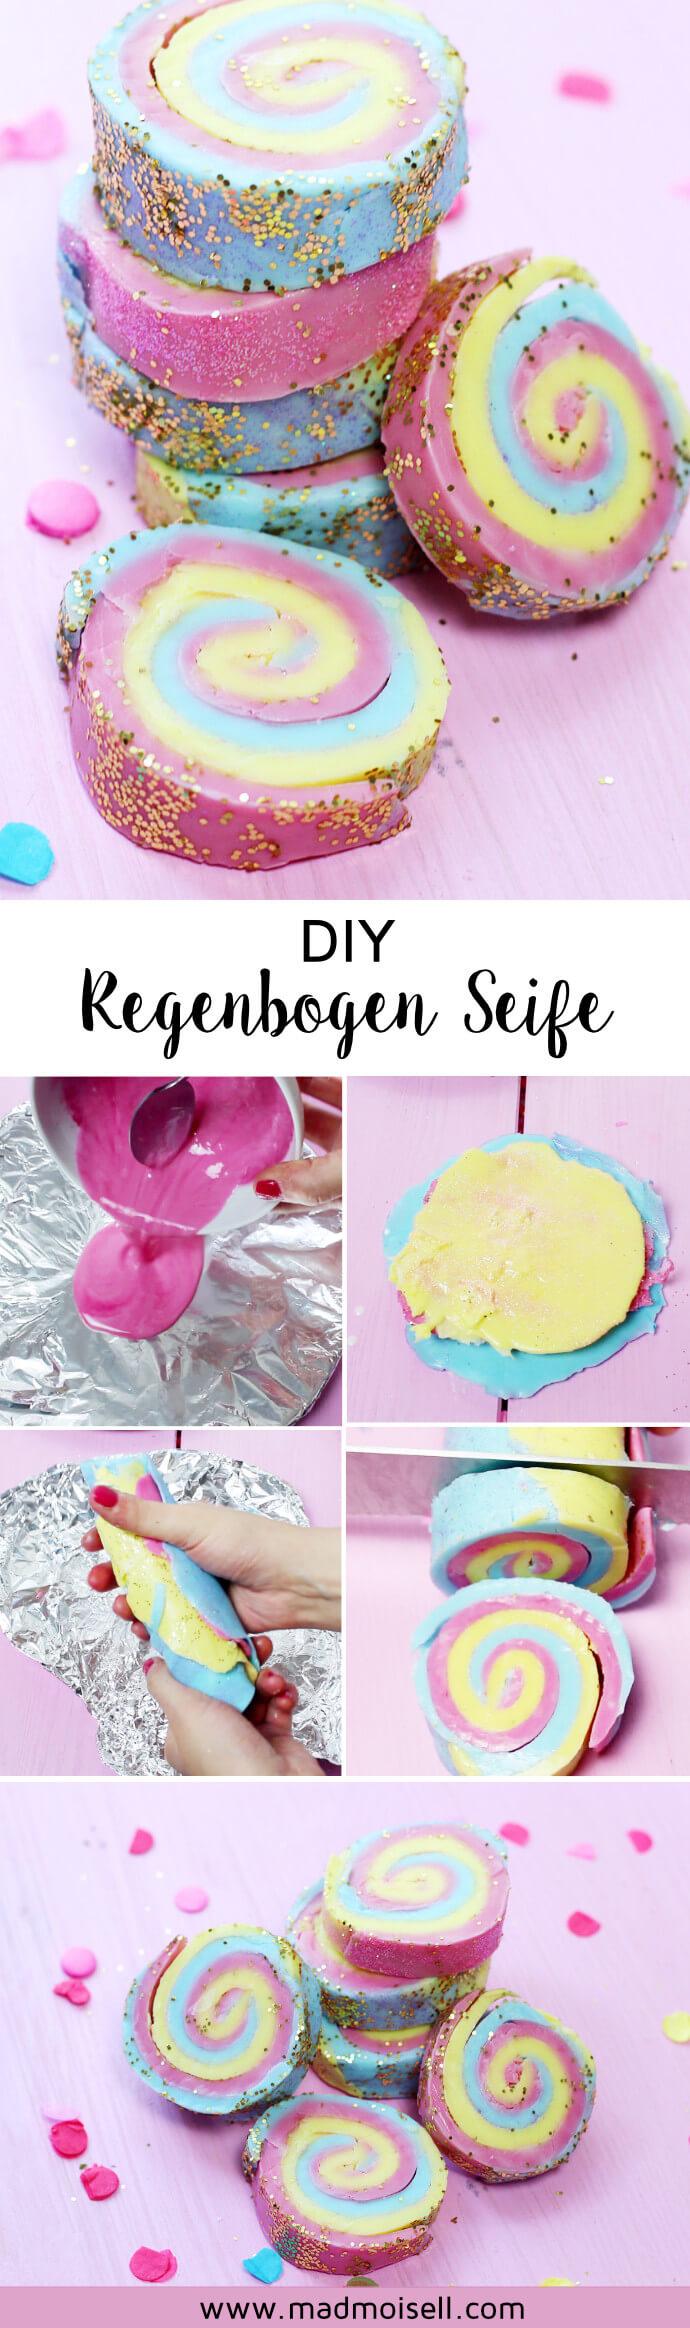 Diy Seife Mit Regenbogen Muster Selber Machen Einfache Anleitung